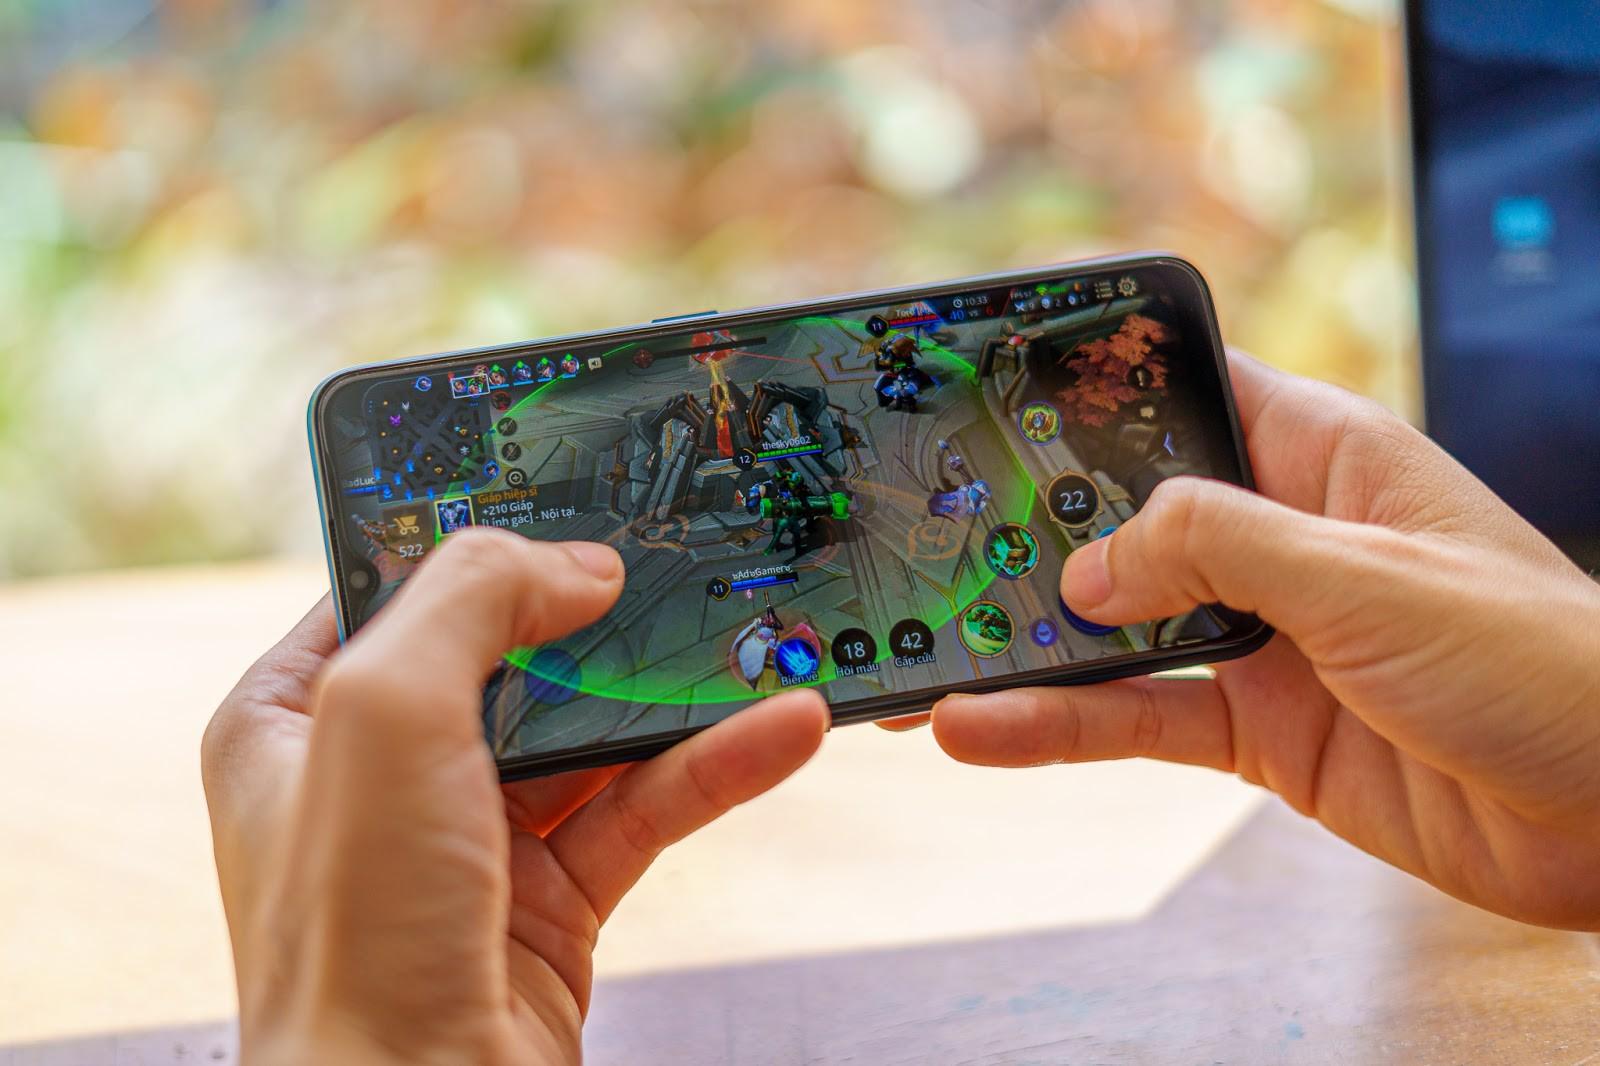 VZN News: Smartphone tầm trung OPPO A9 2020 sẽ mang đến những trải nghiệm tối đa nào với viên pin khủng 5.000 mAh? - Ảnh 1.